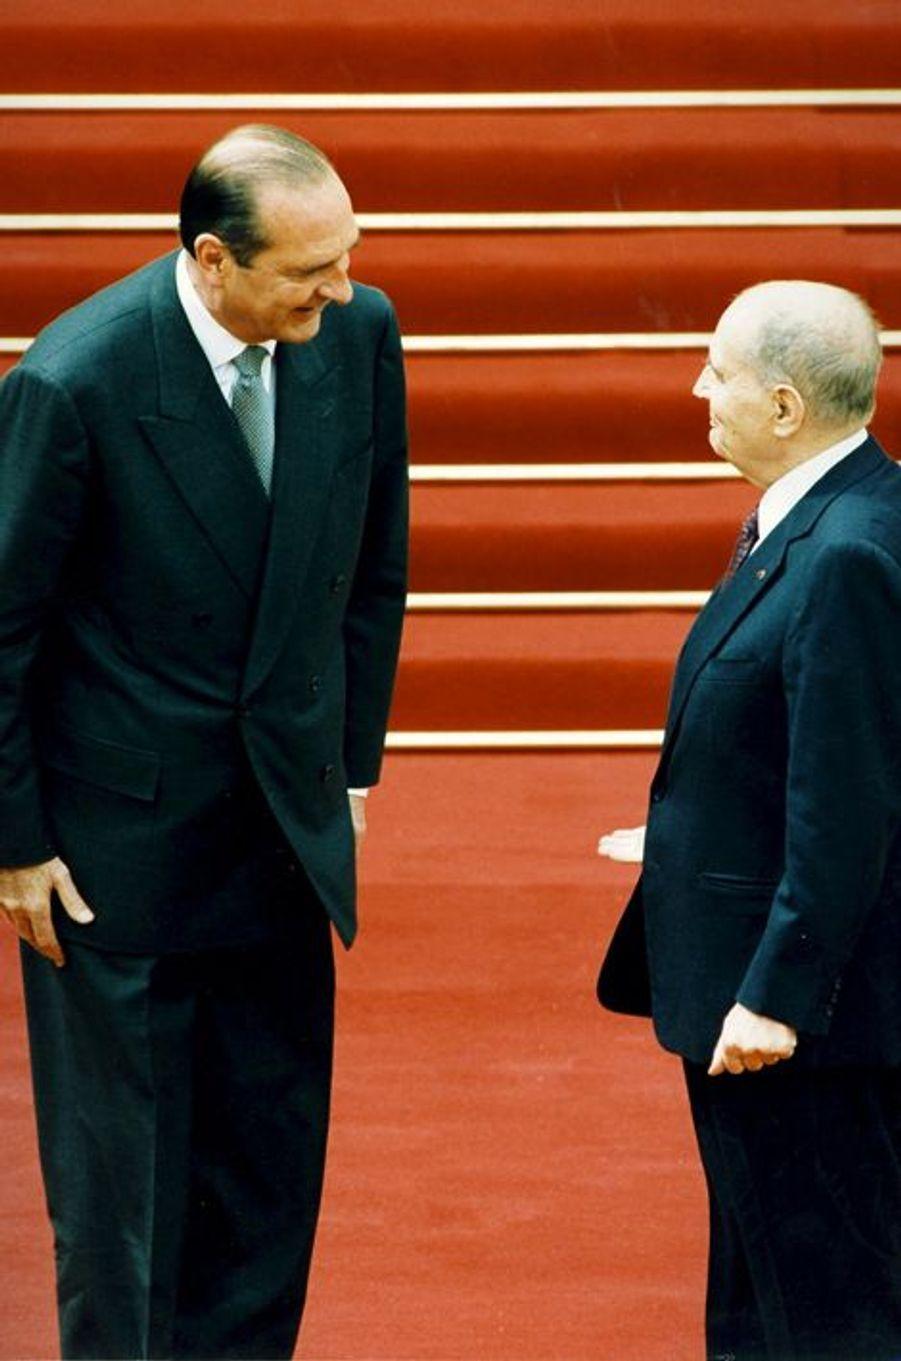 La passation de pouvoir entre François Mitterrand et le président élu Jacques Chirac à l'Elysée, mai 1995